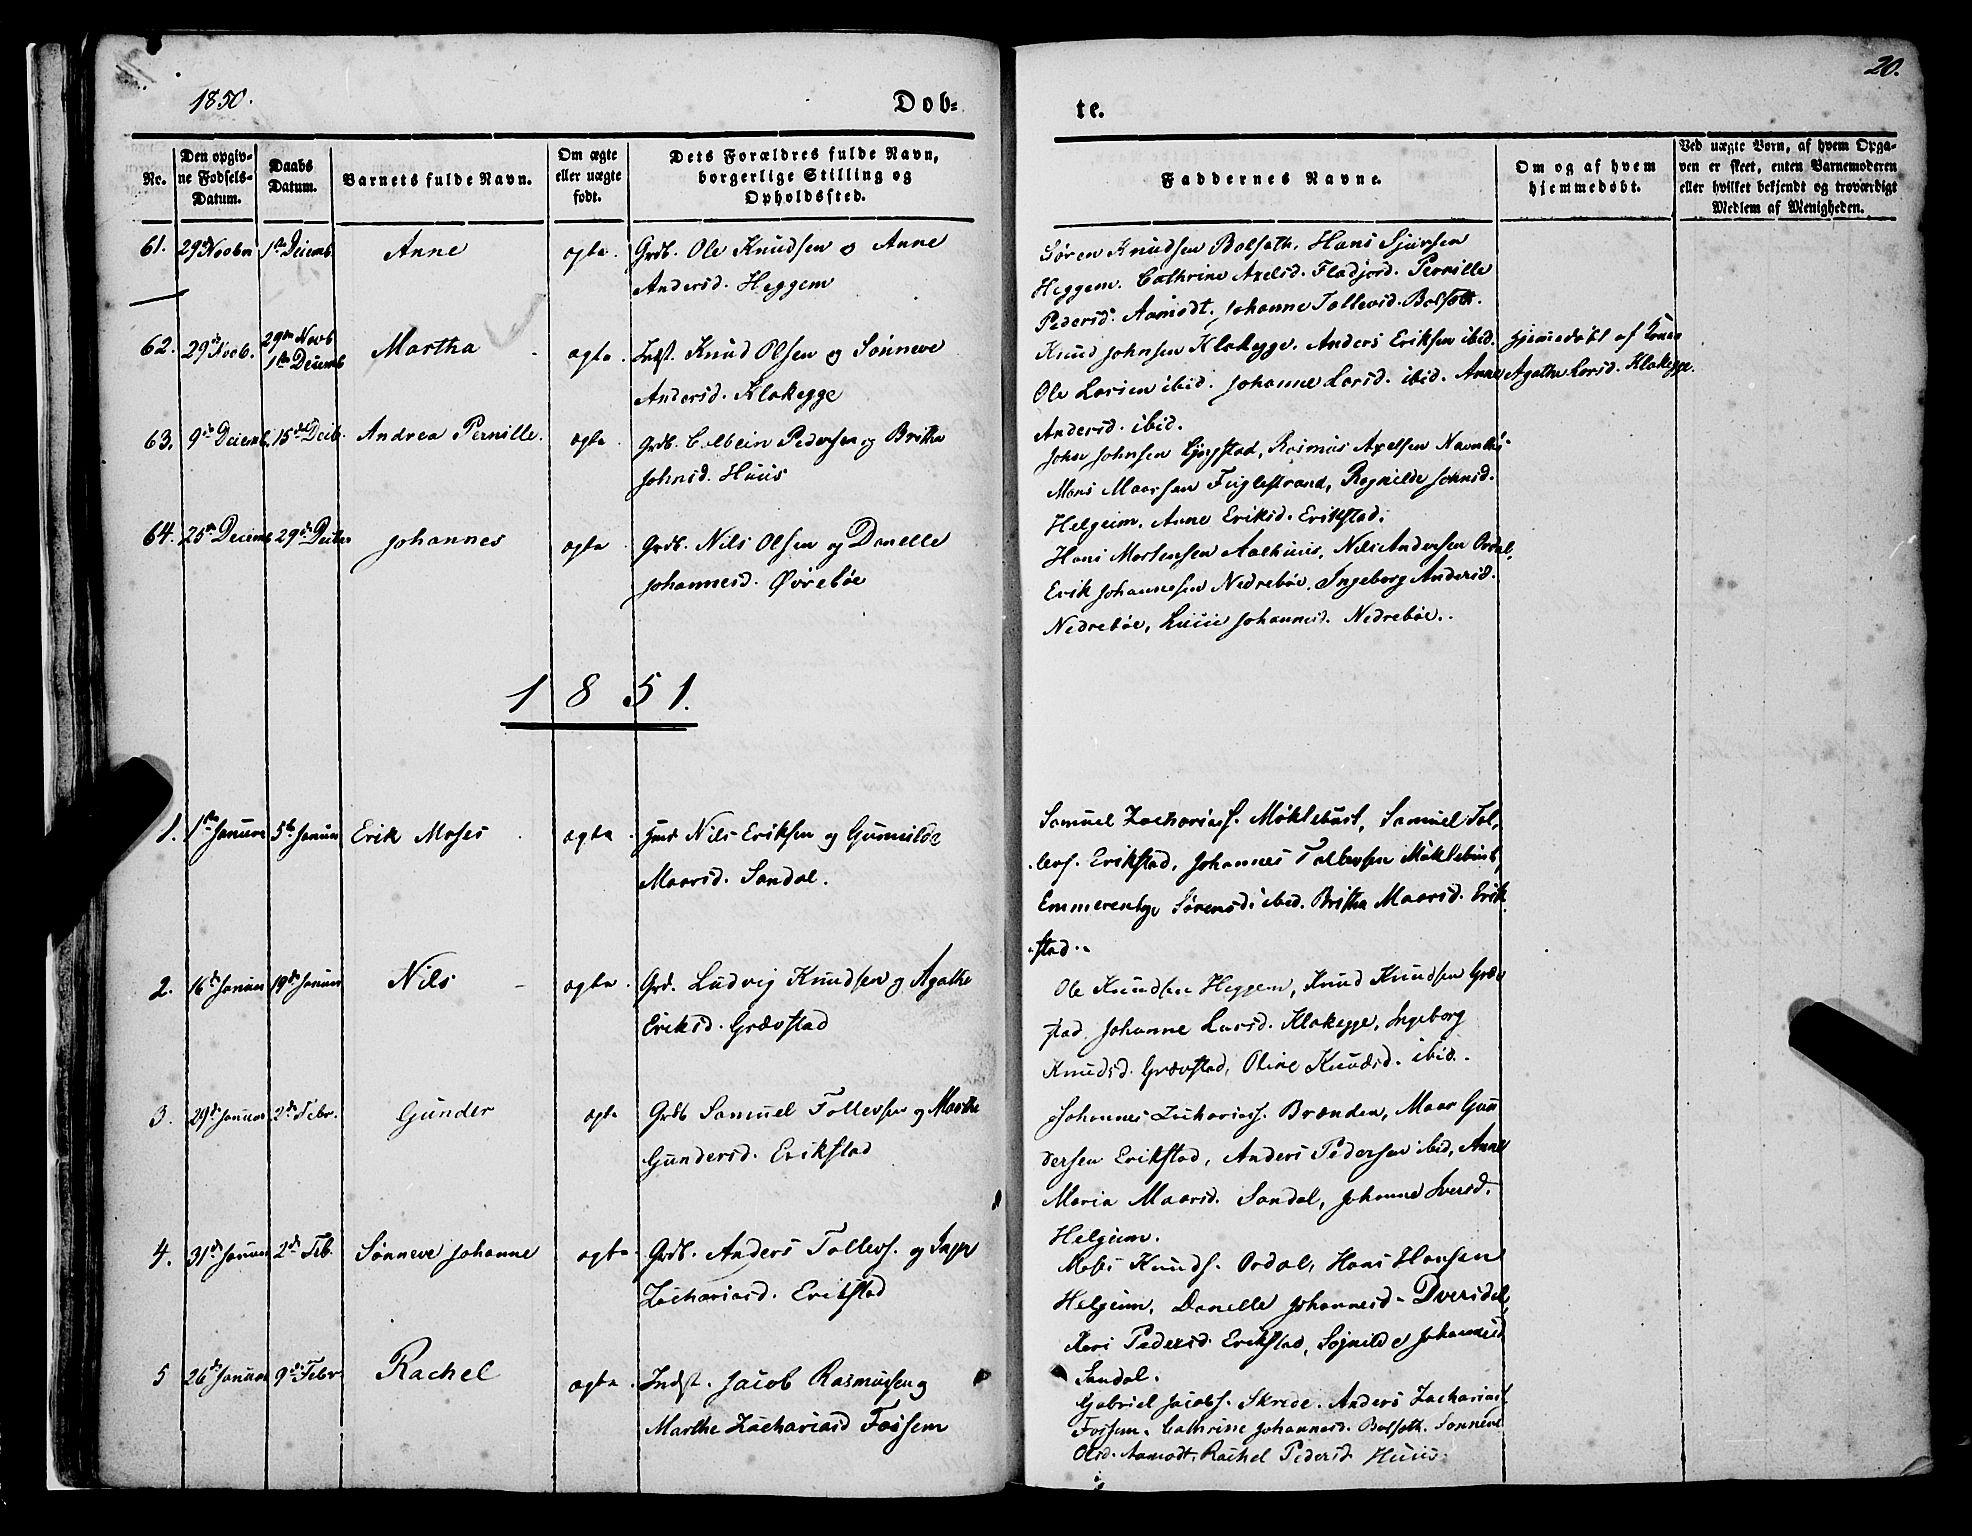 SAB, Jølster Sokneprestembete, H/Haa/Haaa/L0010: Ministerialbok nr. A 10, 1847-1865, s. 20